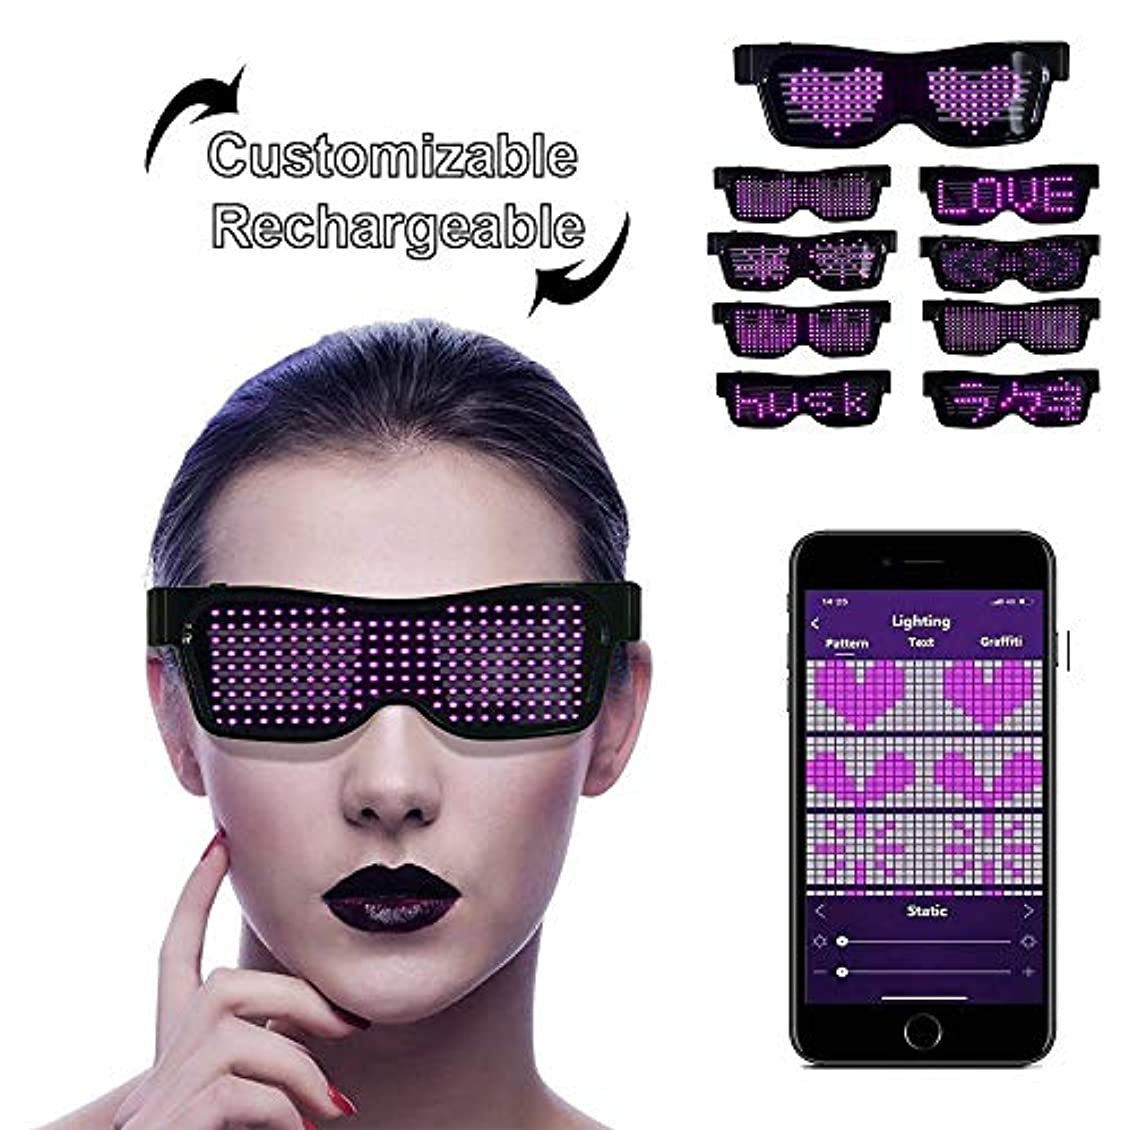 首尾一貫した半ば結婚LEDサングラス, LEDメガネ ブルートゥースLEDパーティーメガネカスタマイズ可能なLEDメガネUSB充電式9モードワイヤレス点滅LEDディスプレイ、フェスティバル用グロー眼鏡レイヴパーティー